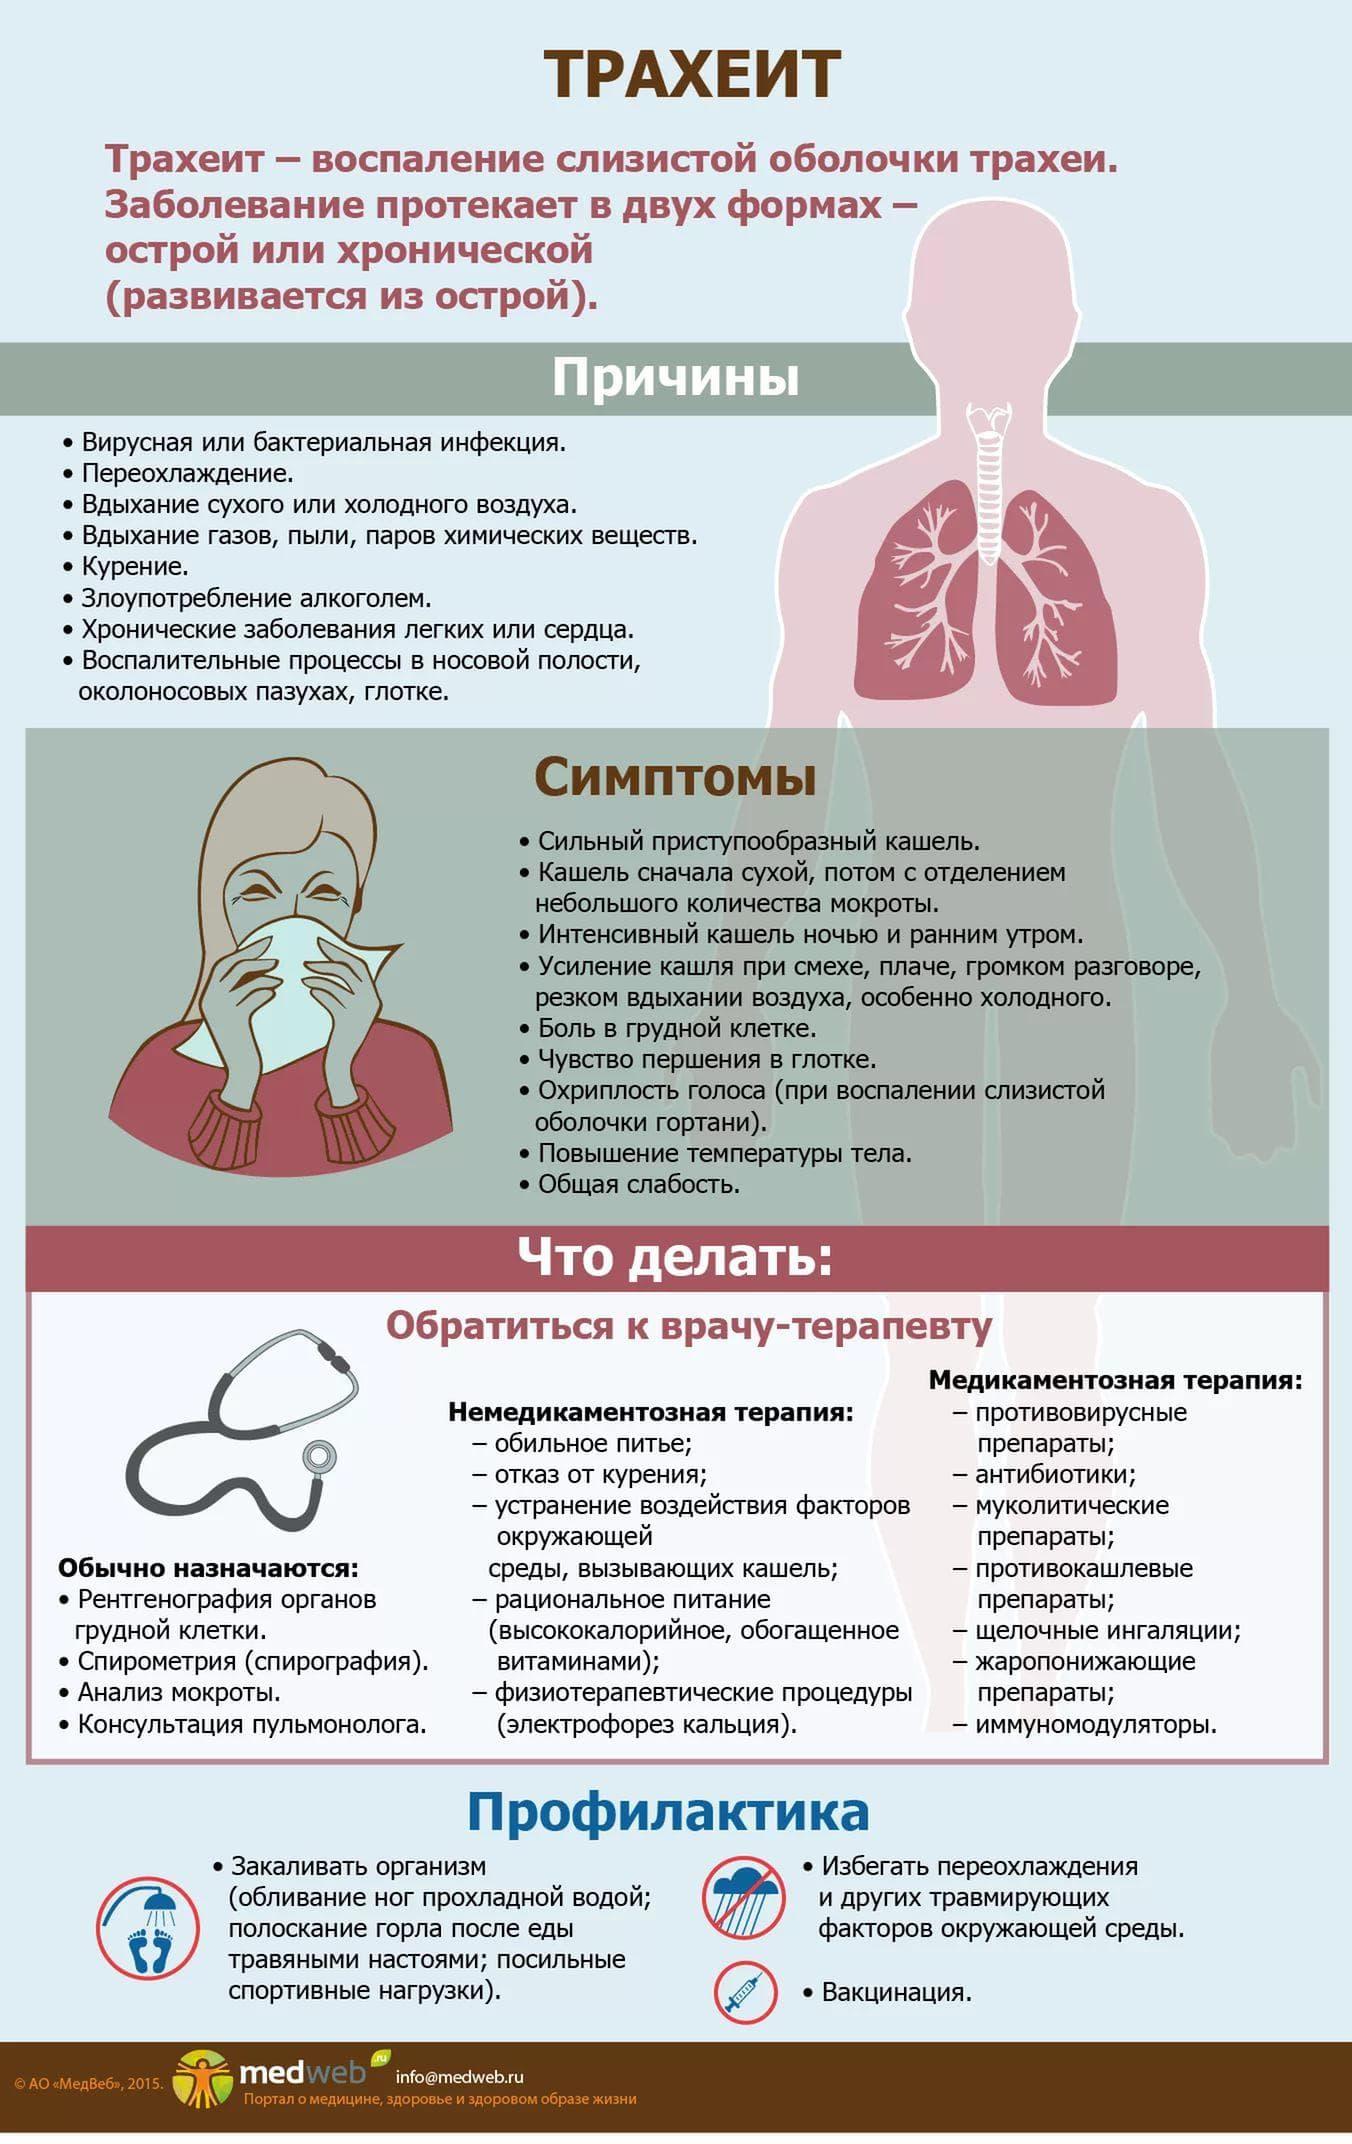 Хронический трахеобронхит – симптомы, лечение и профилактика